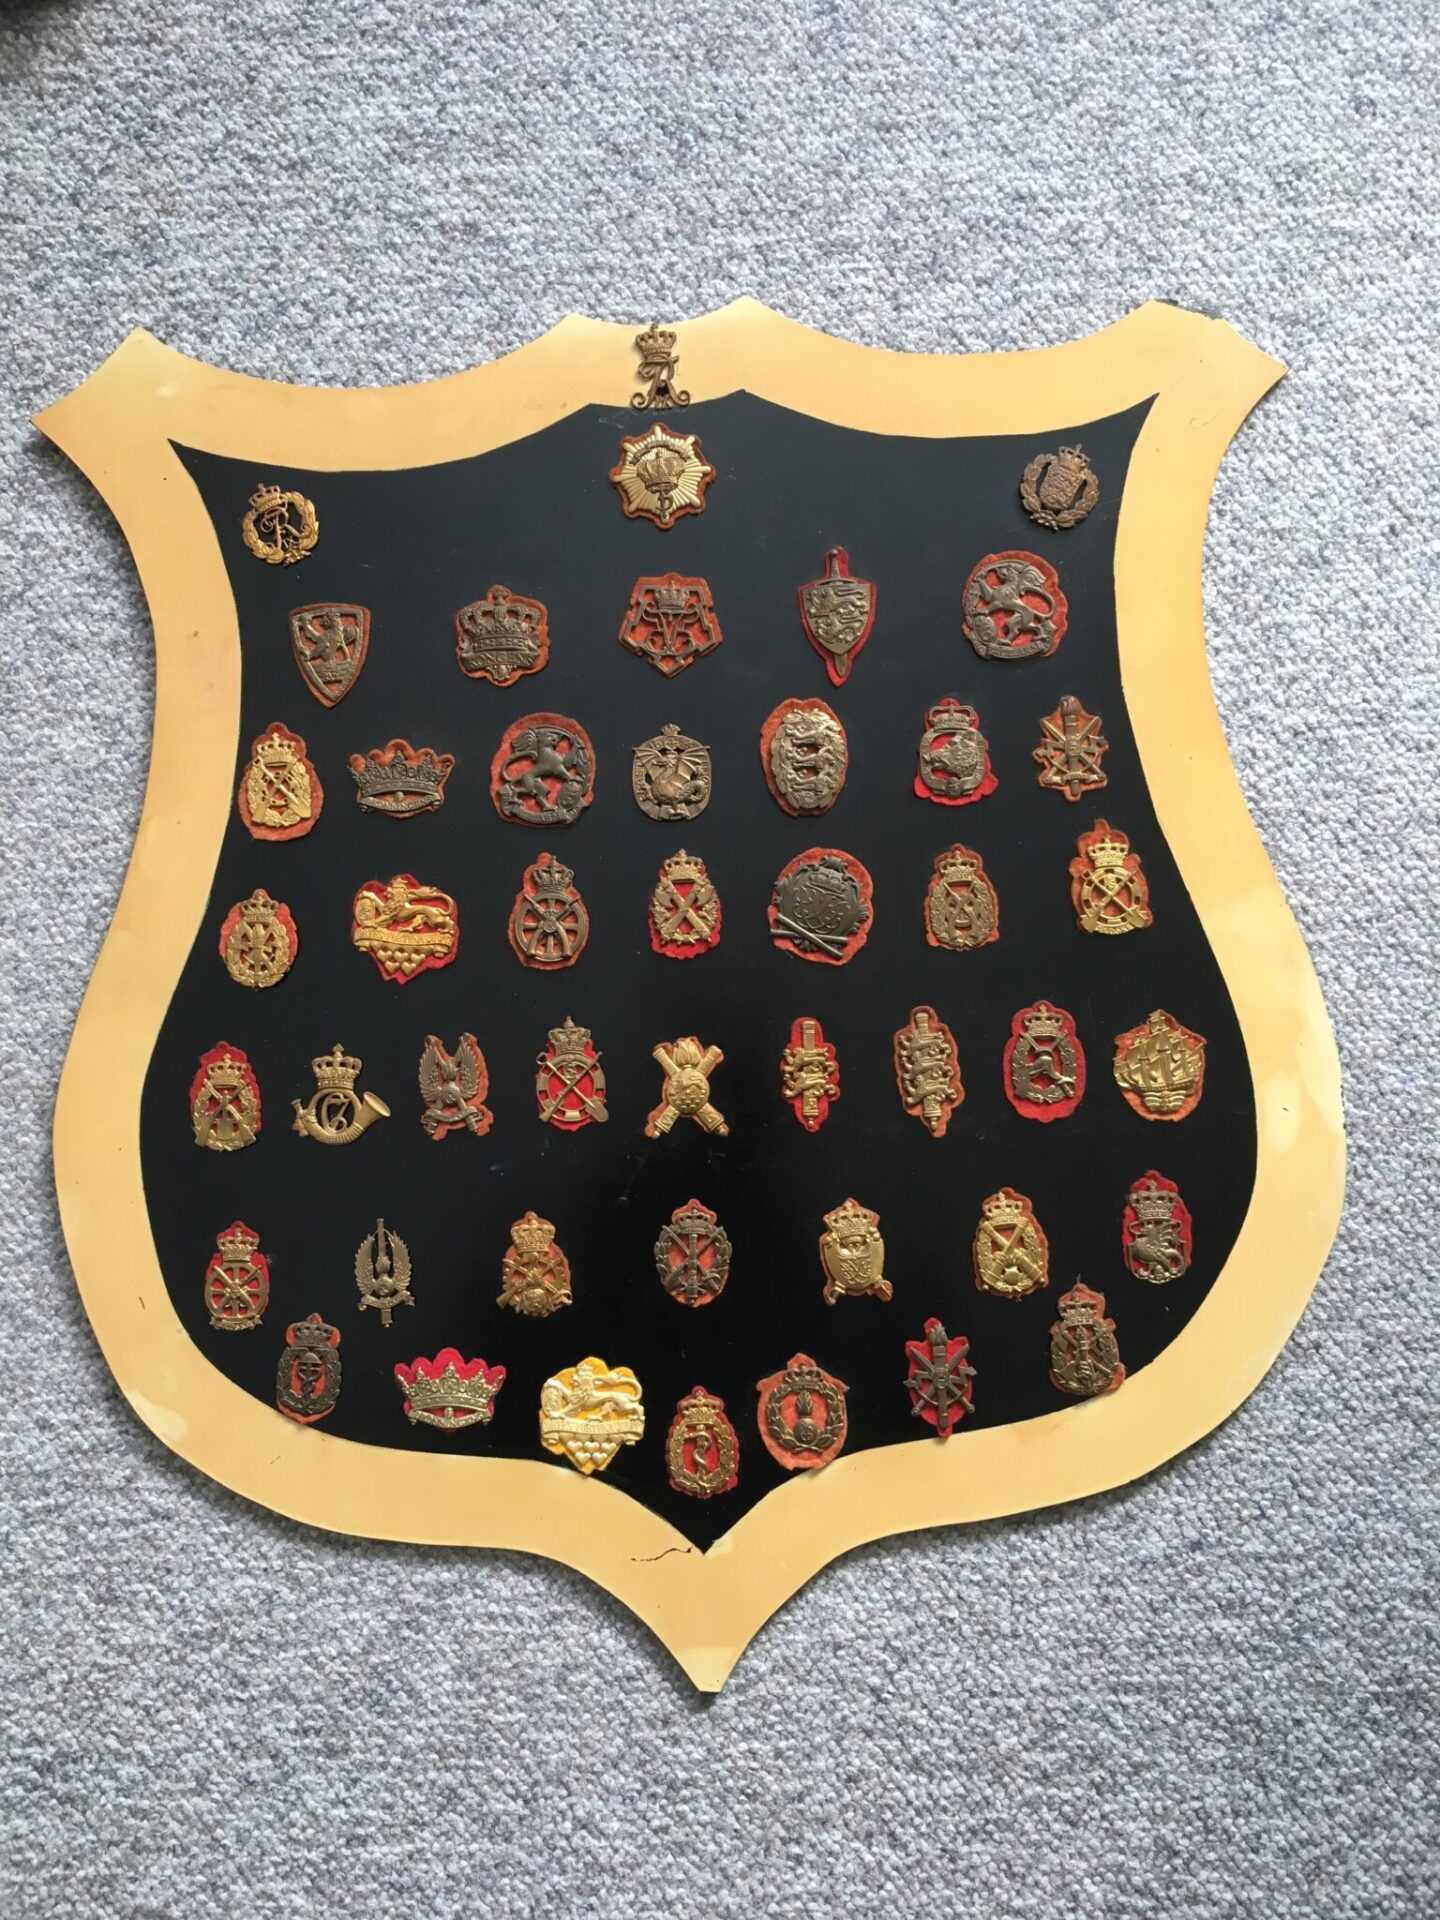 Samling danske regimentsmærker monteret på plade , ca 50 stk (få ekstra medfølger) samlet pris 750